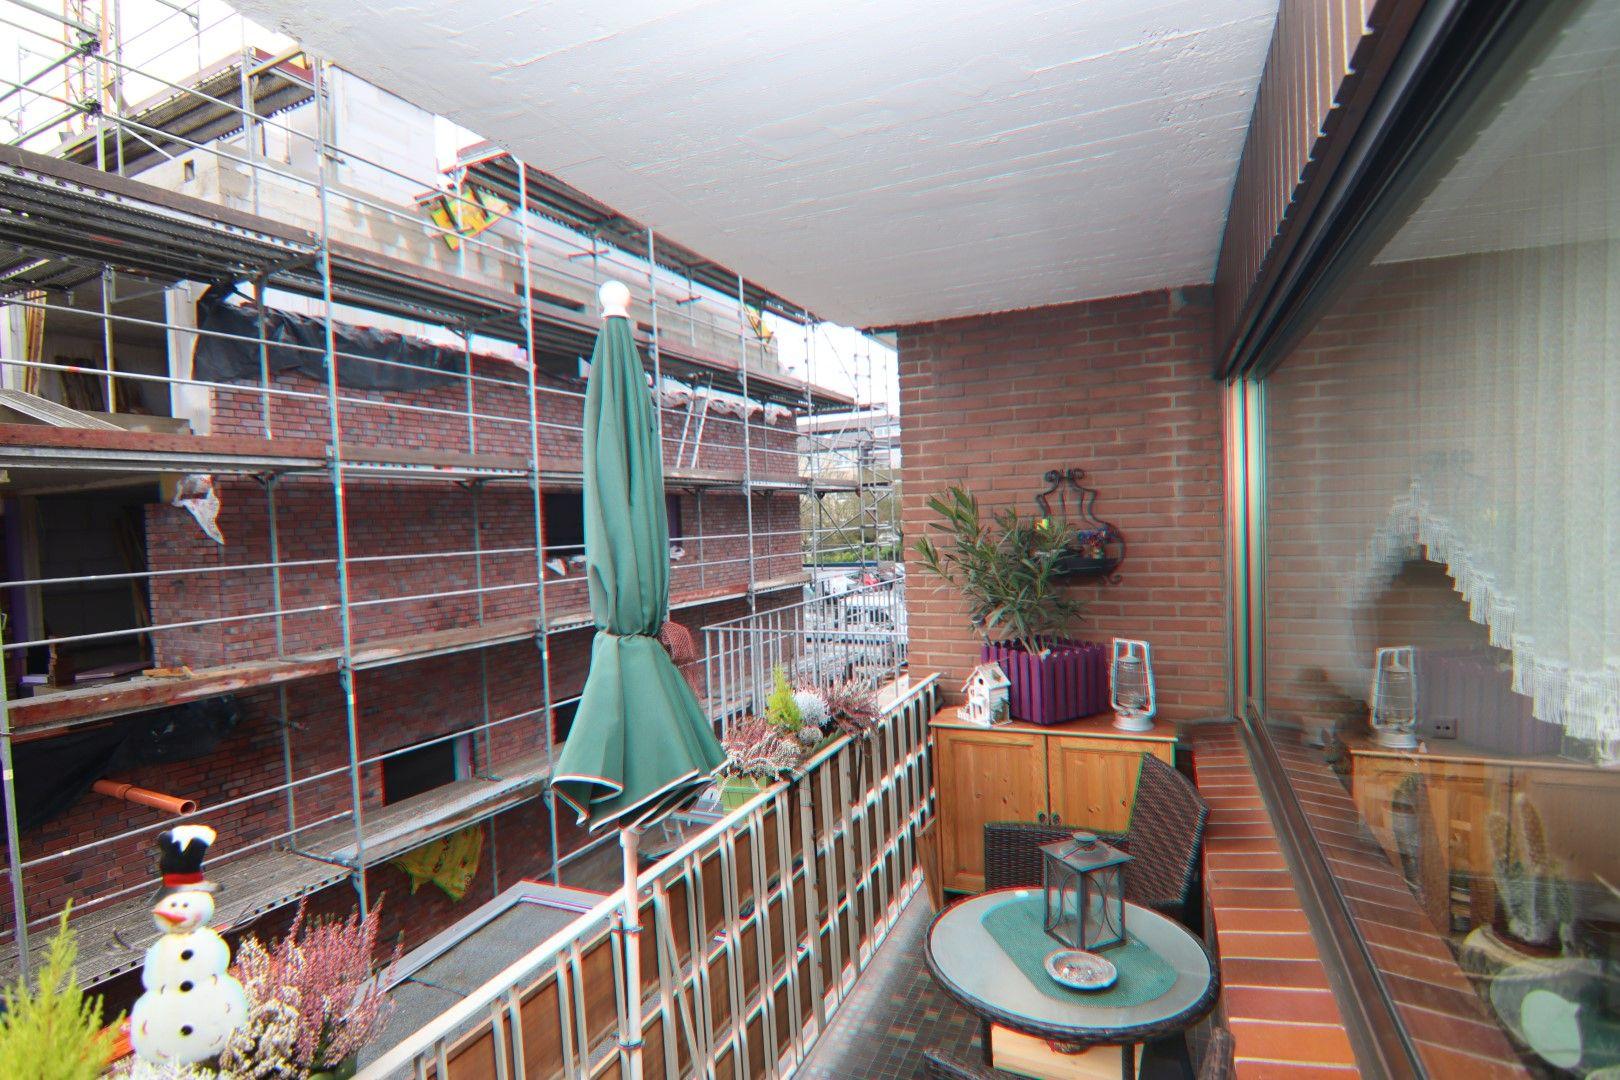 Immobilie Nr.0286 - 2,5 Zimmer Wohnung mit großem Balkon. - Bild 13.jpg